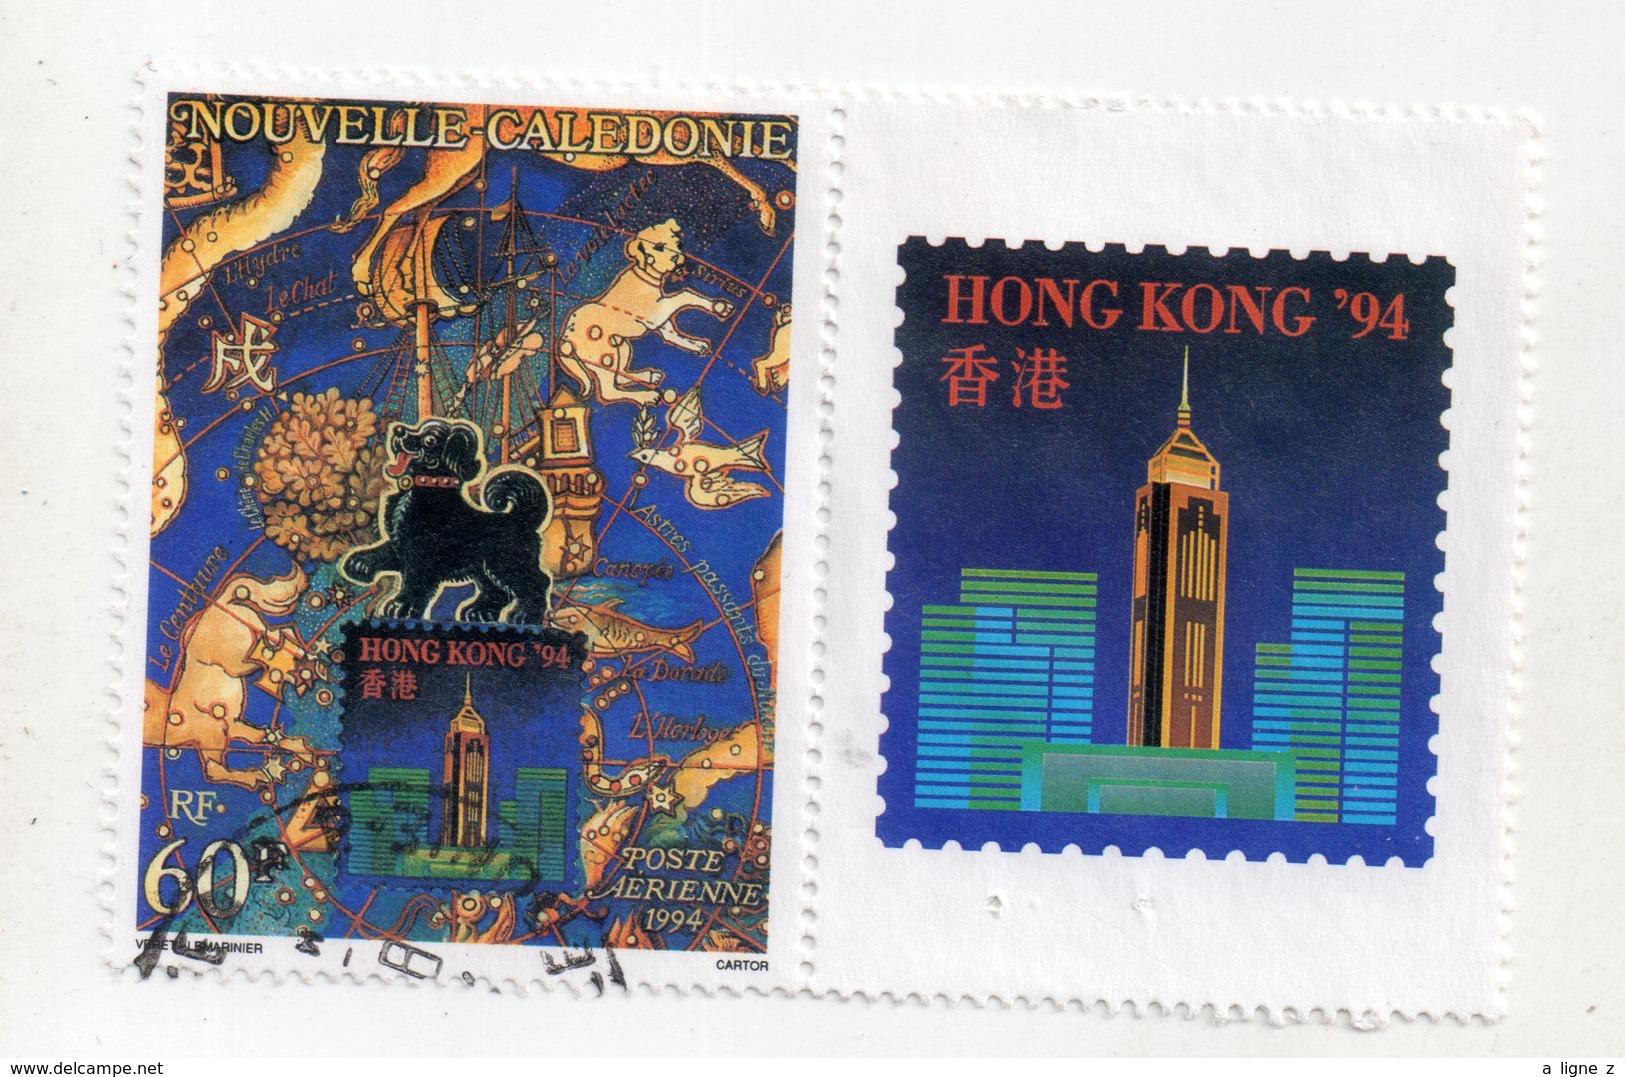 Env 1 : Nouvelle Caledonie Stamp Timbre Oblitéré Hong Kong 94 - Neukaledonien